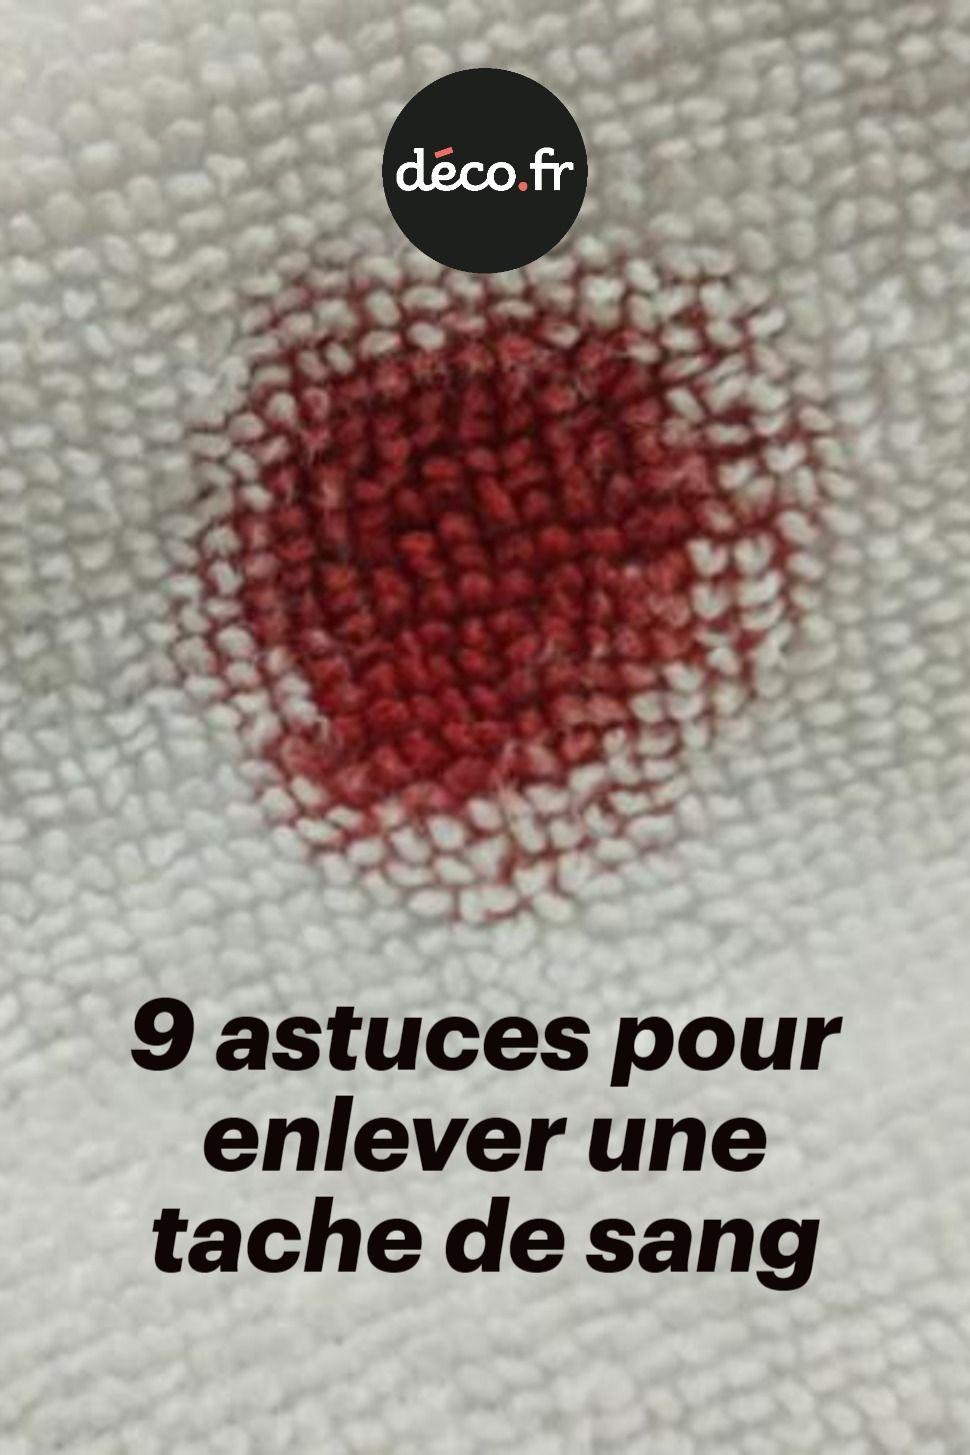 Nettoyer Une Tache De Sang : nettoyer, tache, Astuces, Enlever, Tache, Sang,